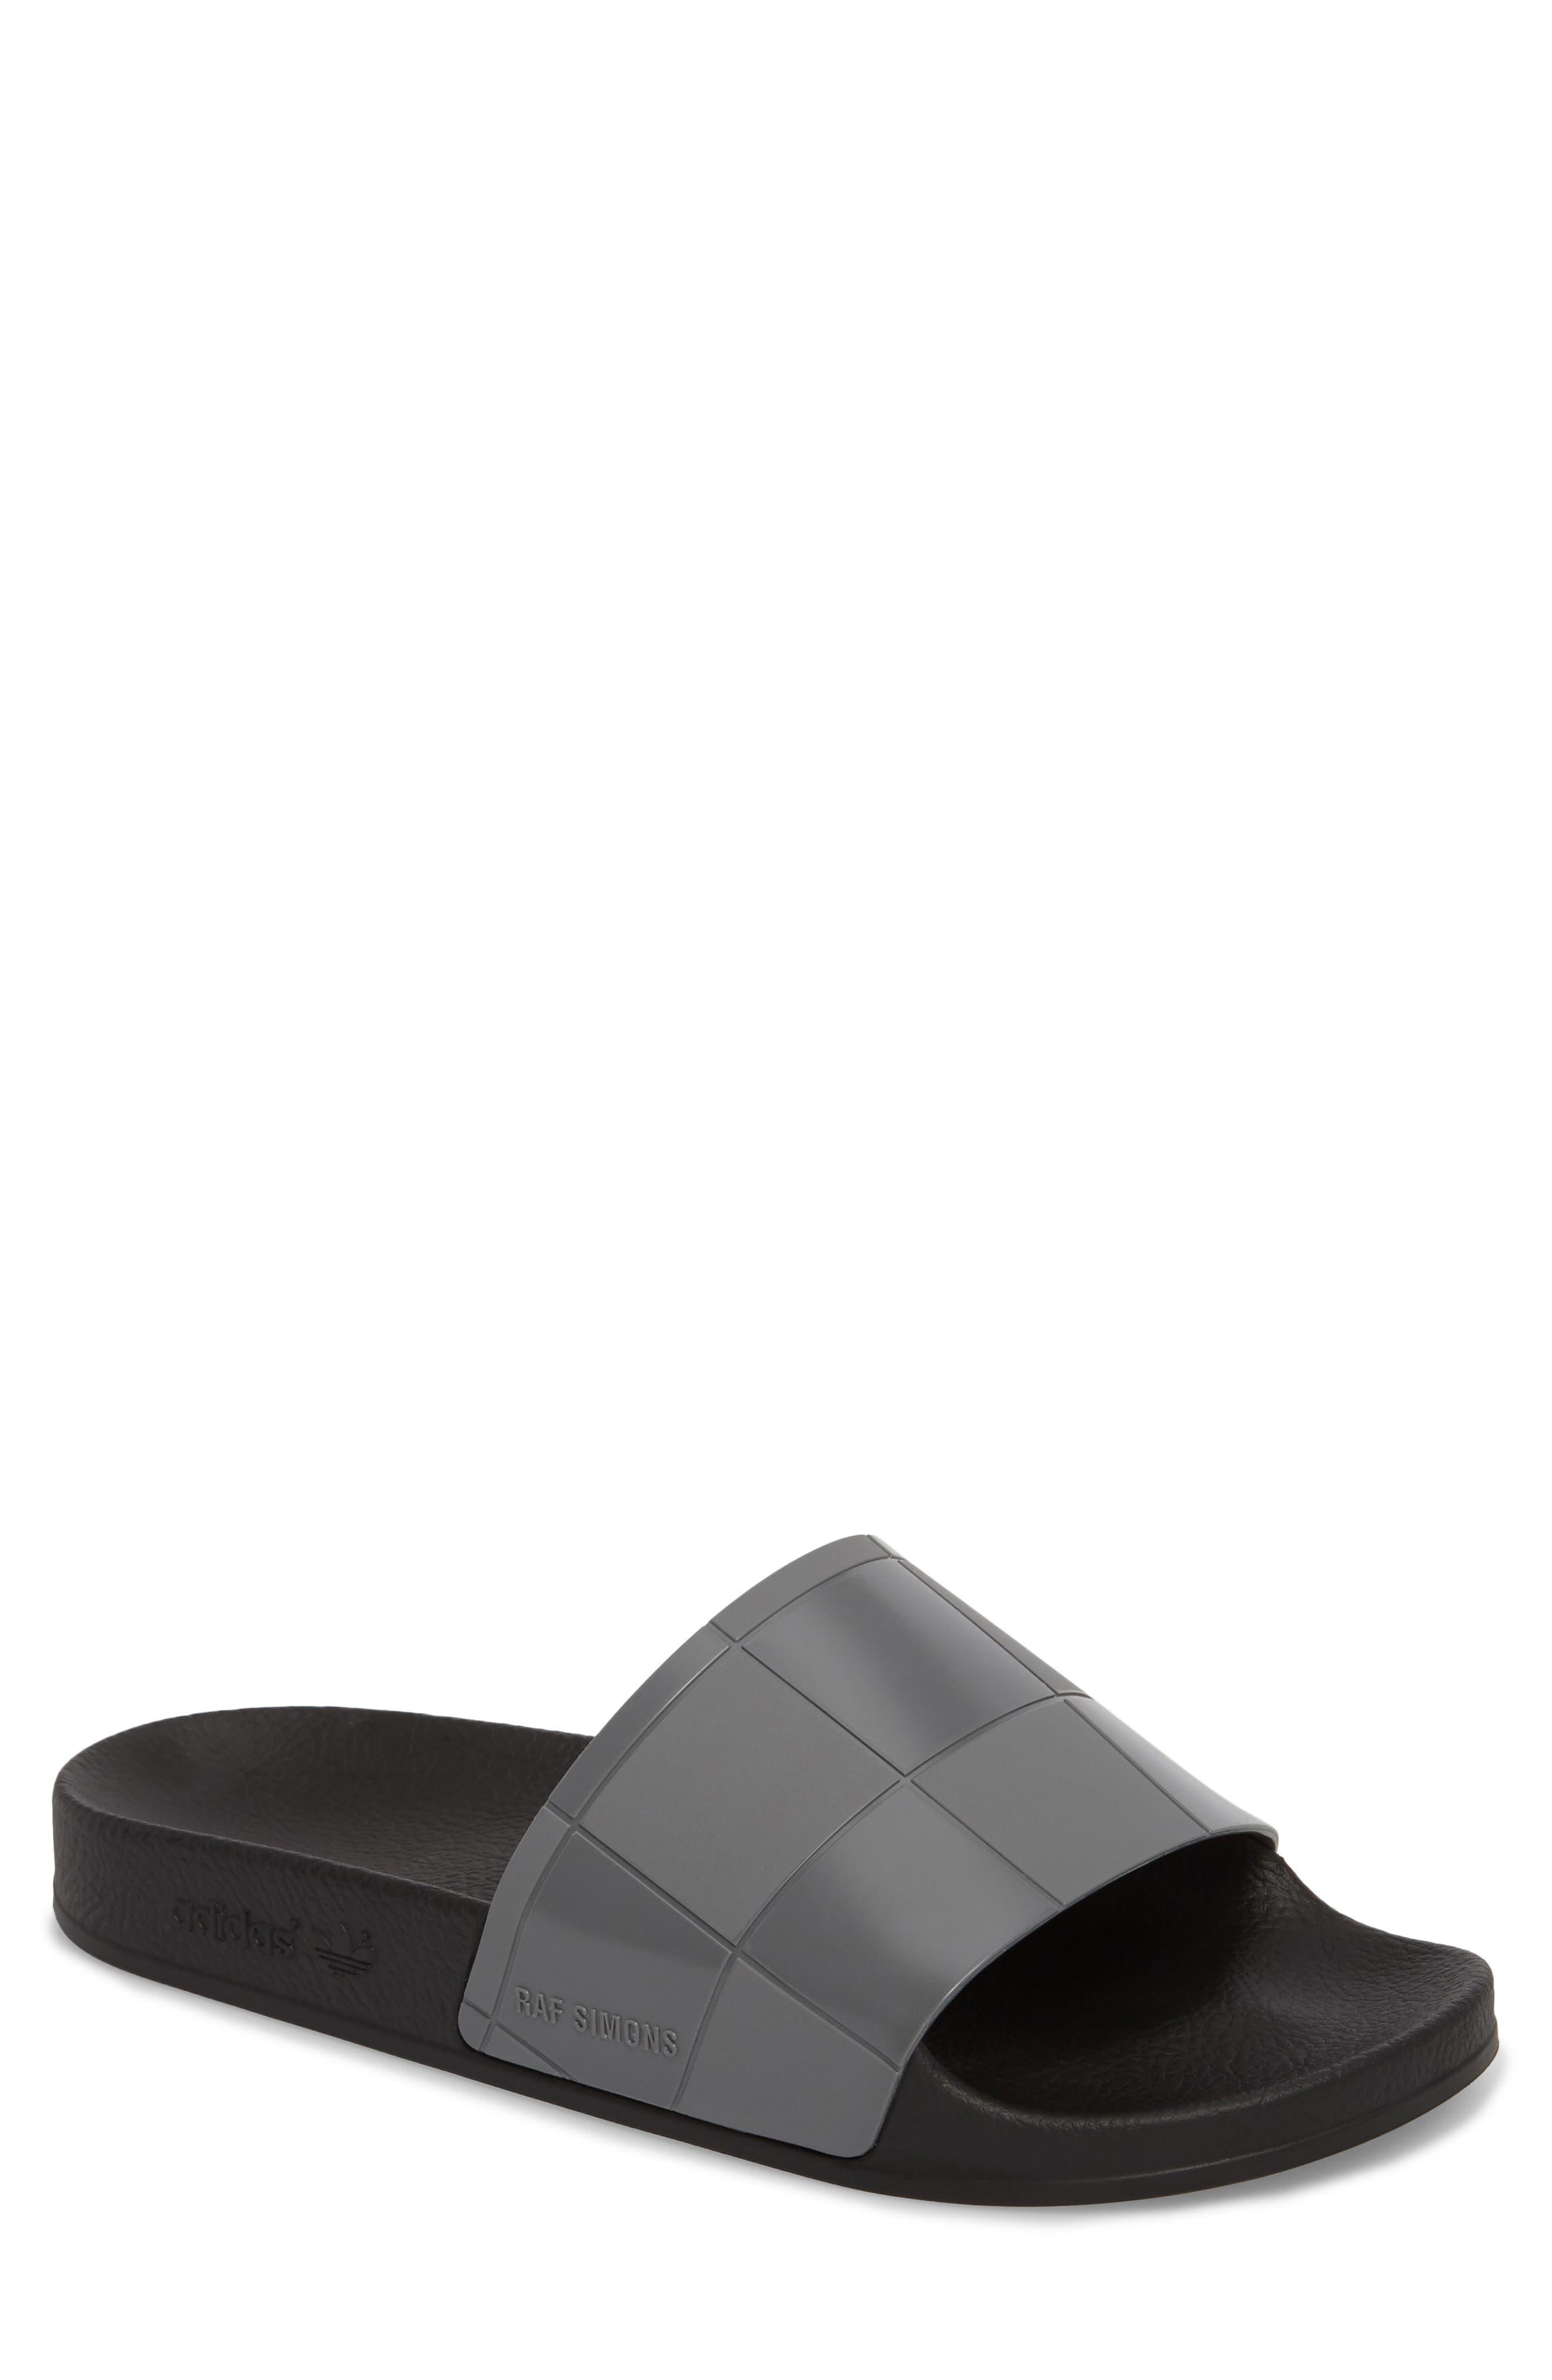 Adilette Checkerboard Sport Slide,                             Main thumbnail 1, color,                             Core Black/ Granite